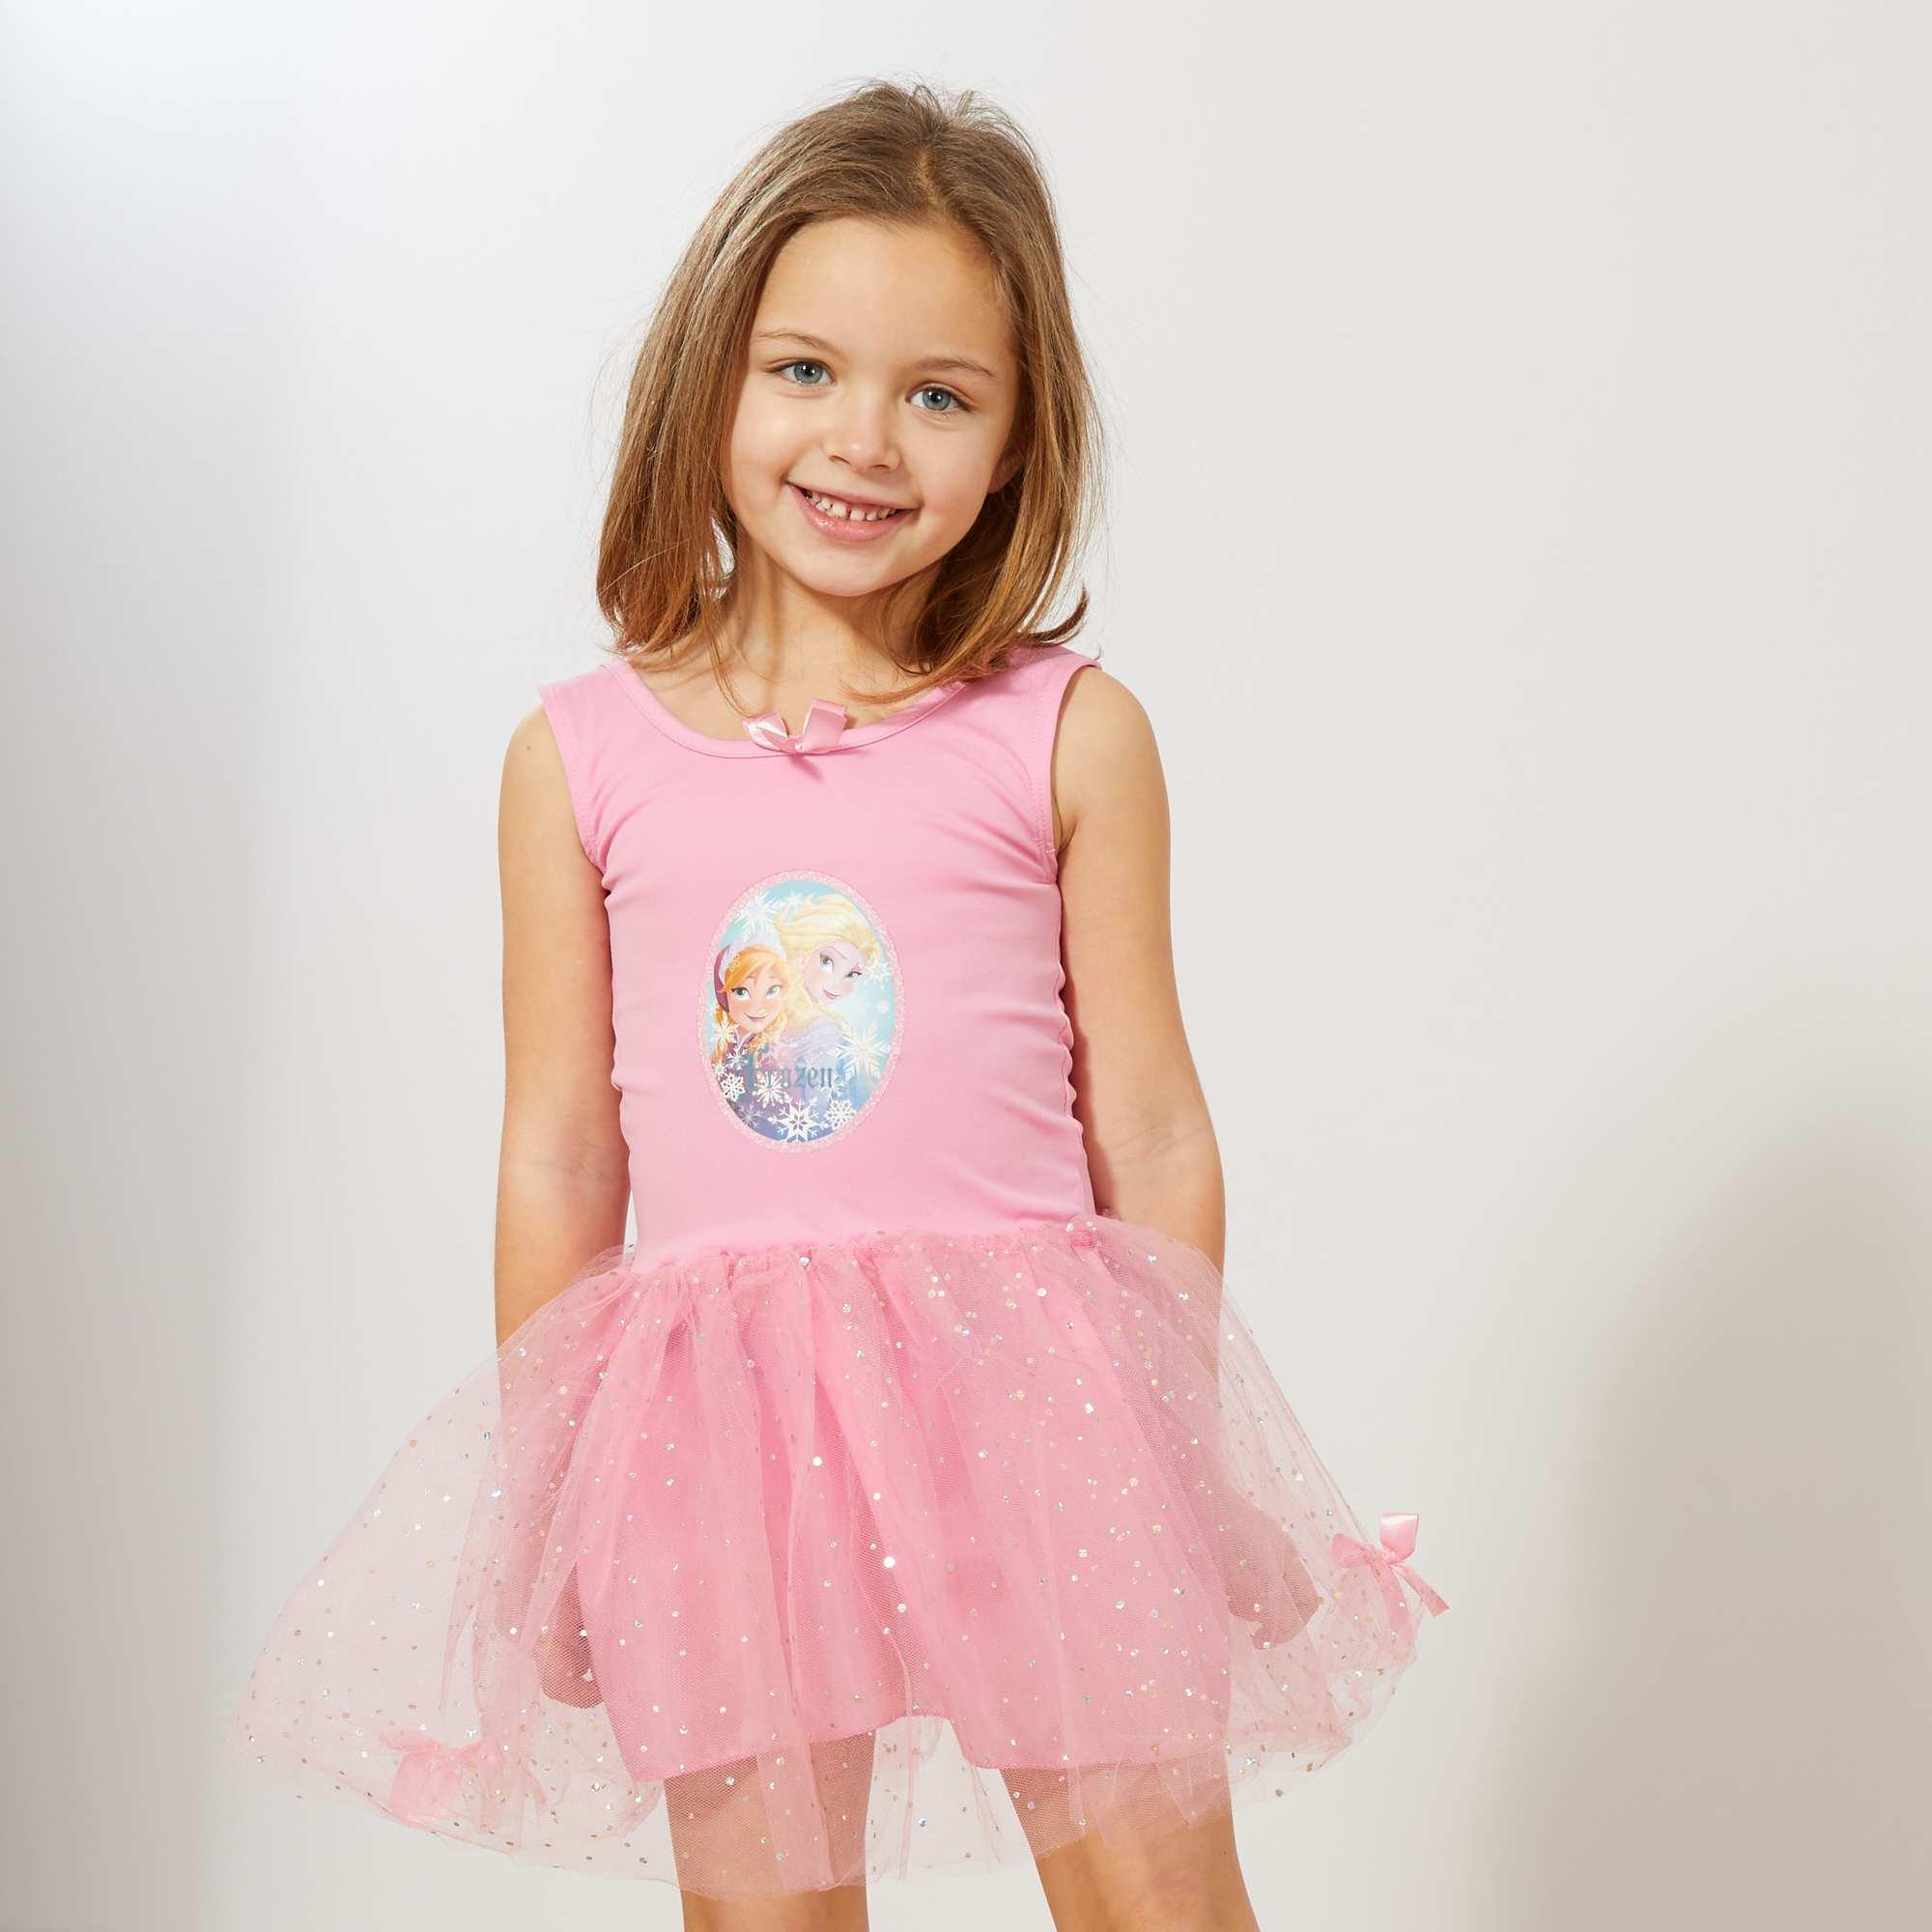 Couleur : bleu, rose, ,, - Taille : 5/6A, 3/4A, ,,La robe parfaite pour nos petites princesses fan de la 'Reine des Neiges' ! - Robe de